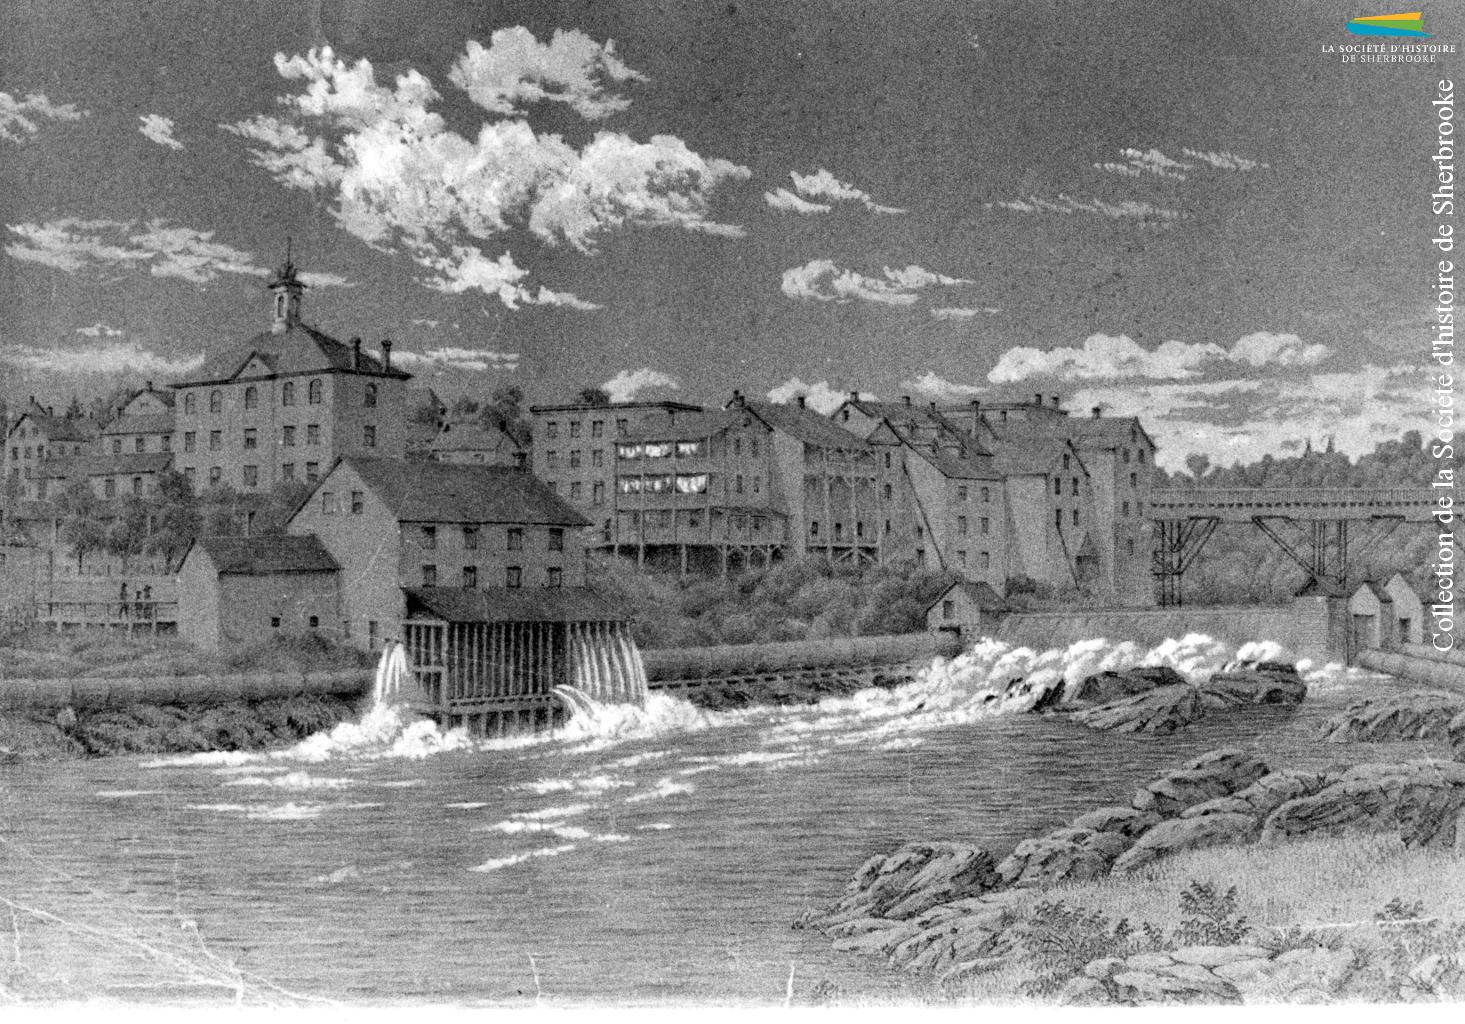 Sherbrooke vers 1860. Le moulin à l'avant-plan se trouve sur le site du premier moulin à farine de Gilbert Hyatt, construit en 1802. Le bâtiment à l'arrière est l'ancien hôtel de ville, là où se trouve celui d'aujourd'hui.